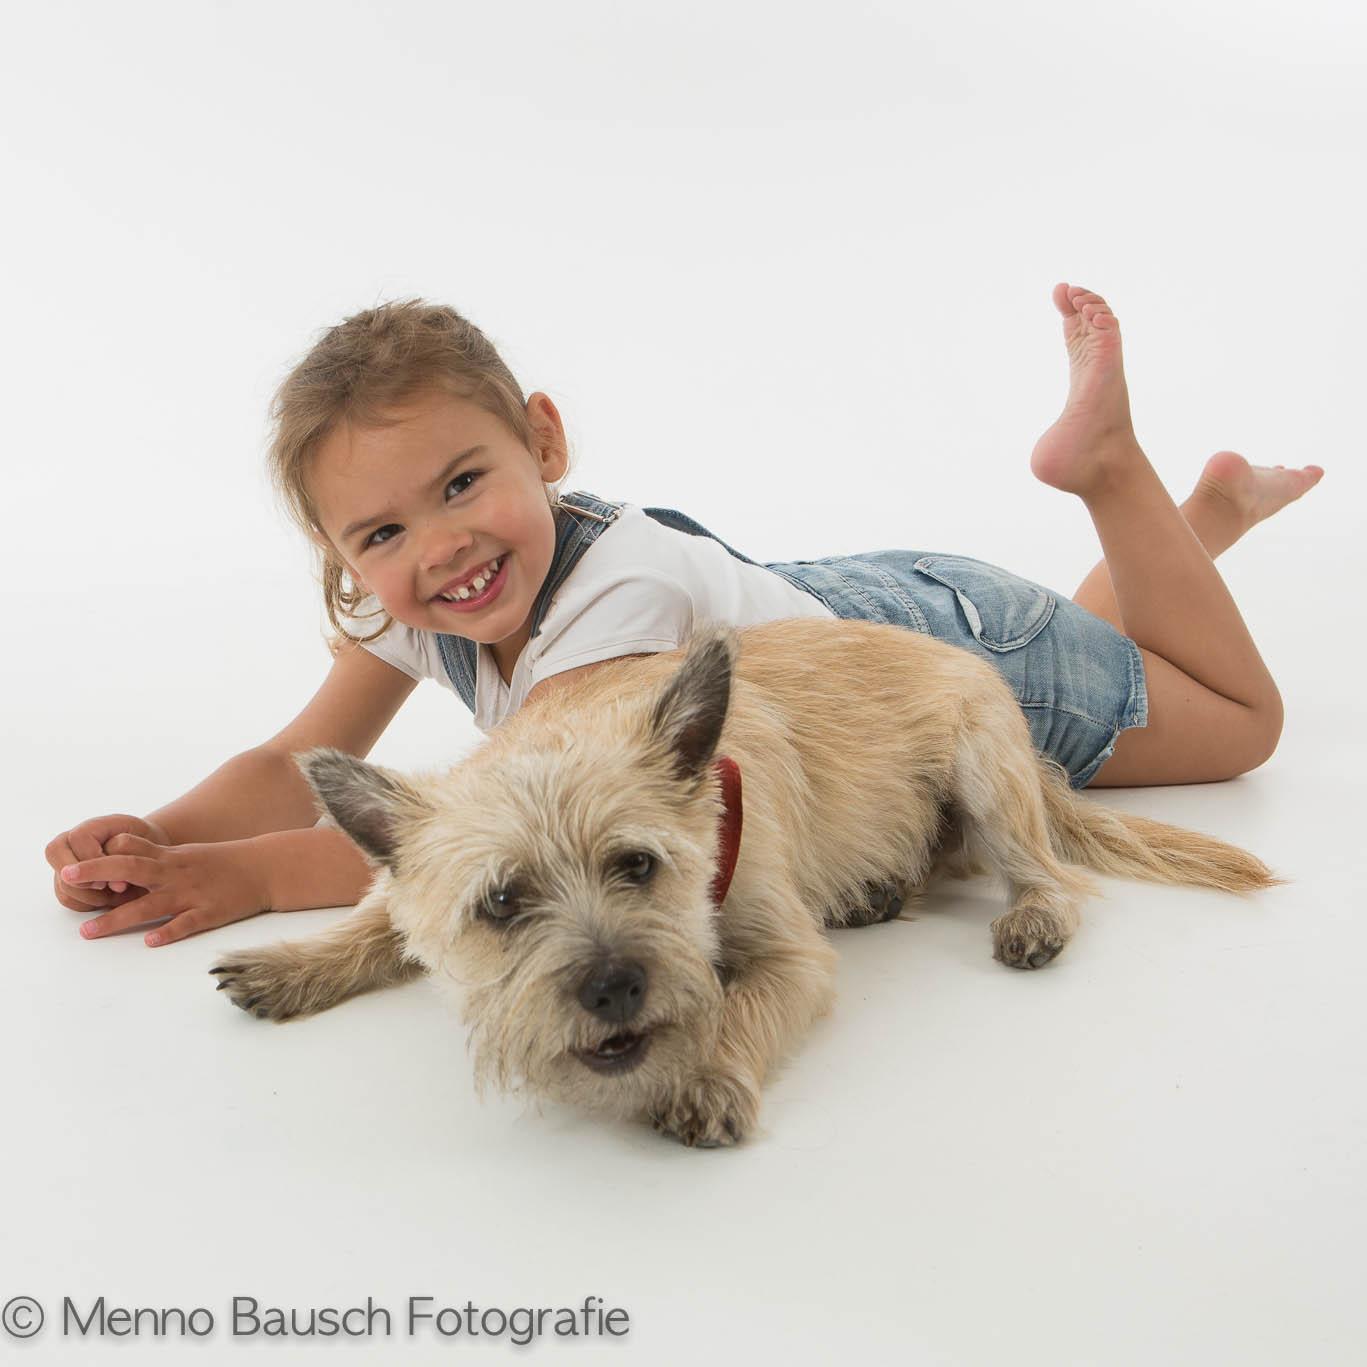 Menno Bausch Fotografie78